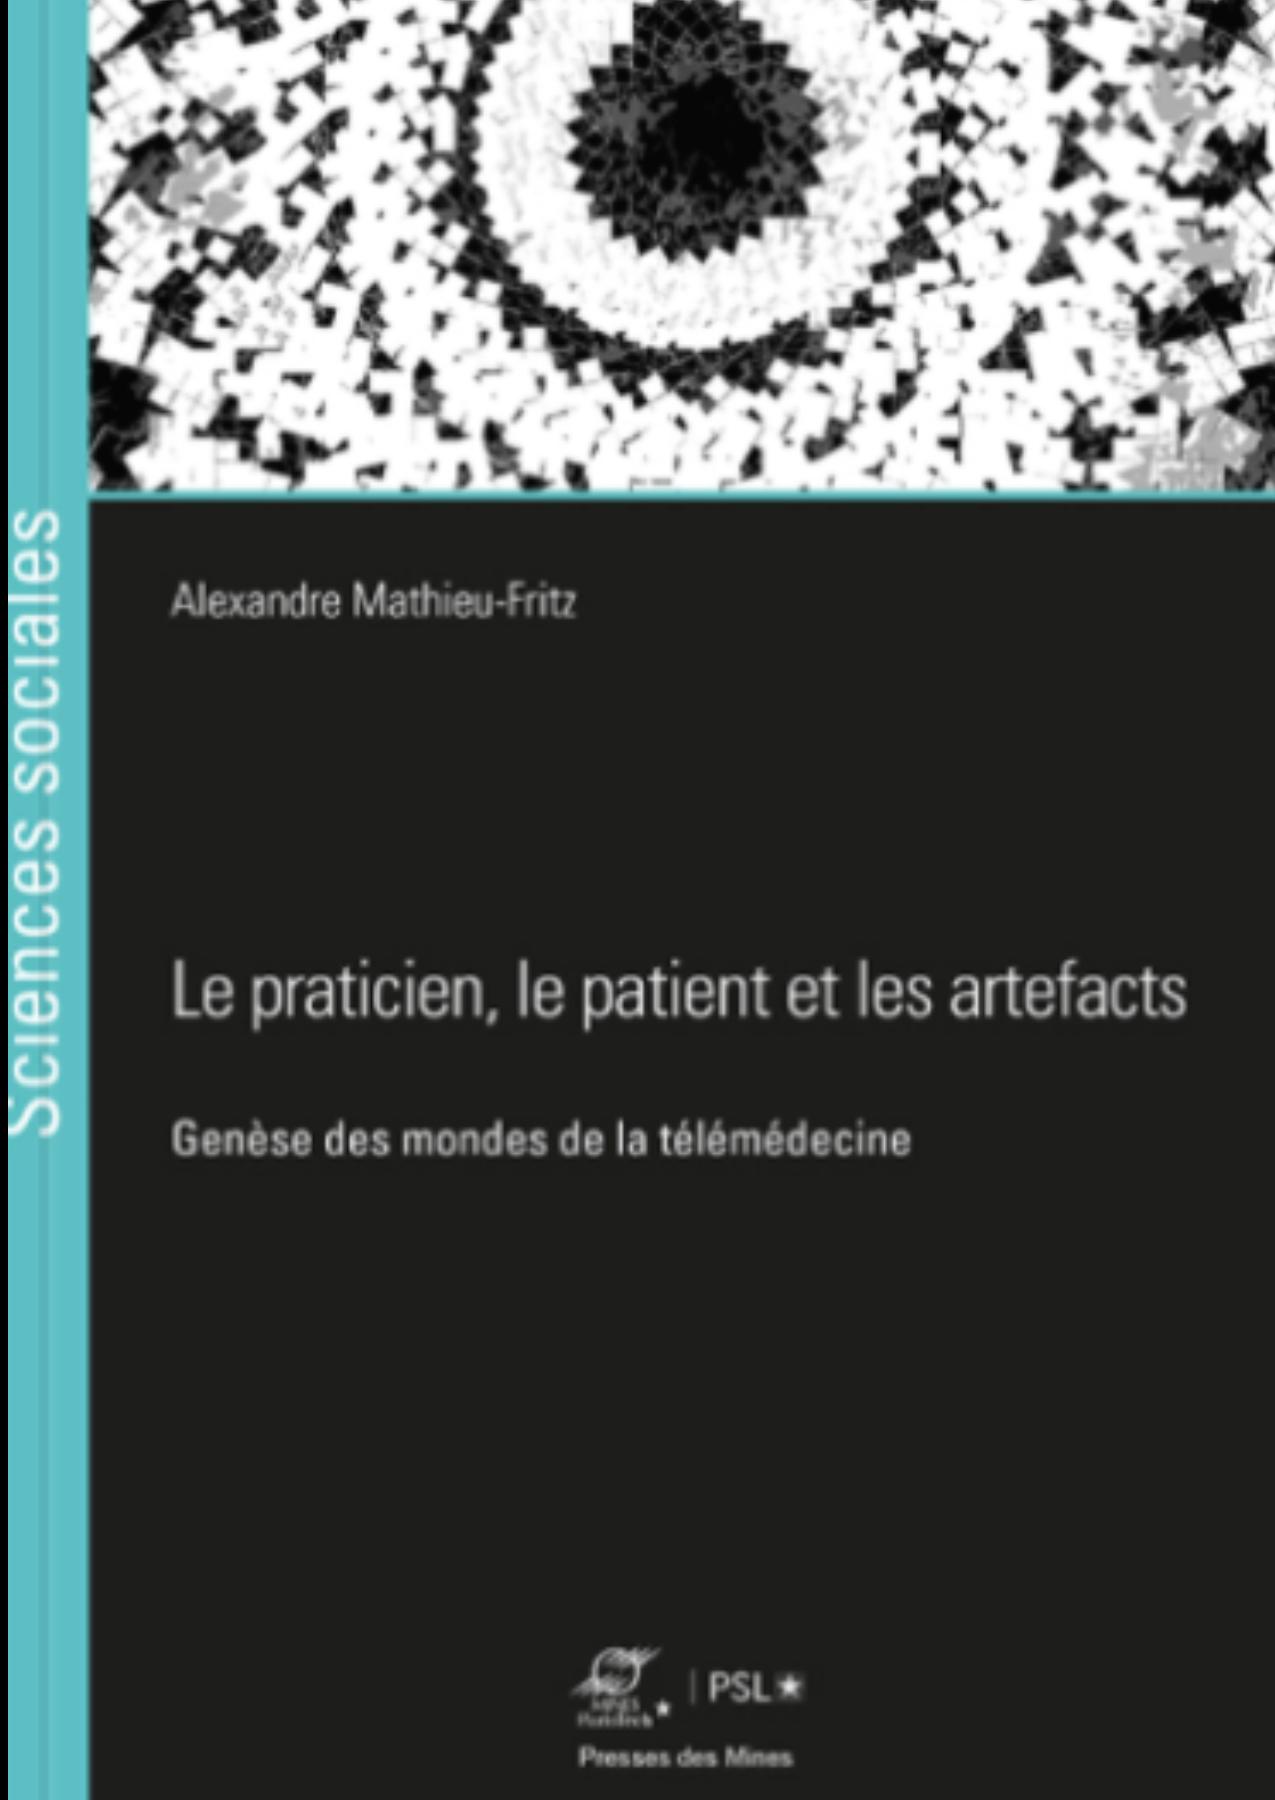 Le praticien, les patients et les artefacts